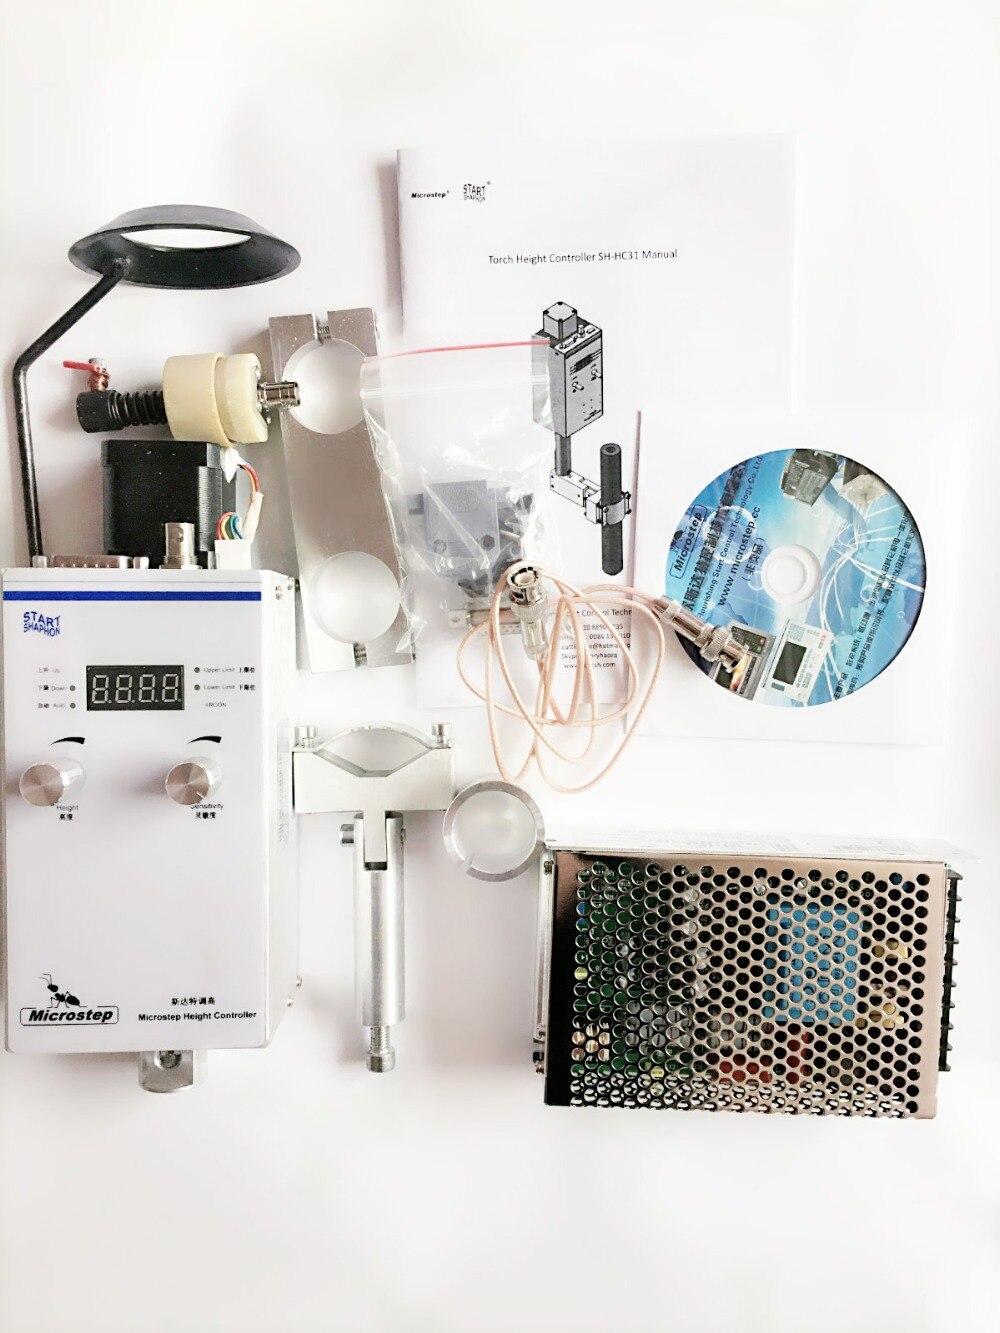 Nouvelle Version Automatique Arc et cap tension plasma torche hauteur contrôleur pour CNC Plasma cutter machine de découpe THC SH-HC31